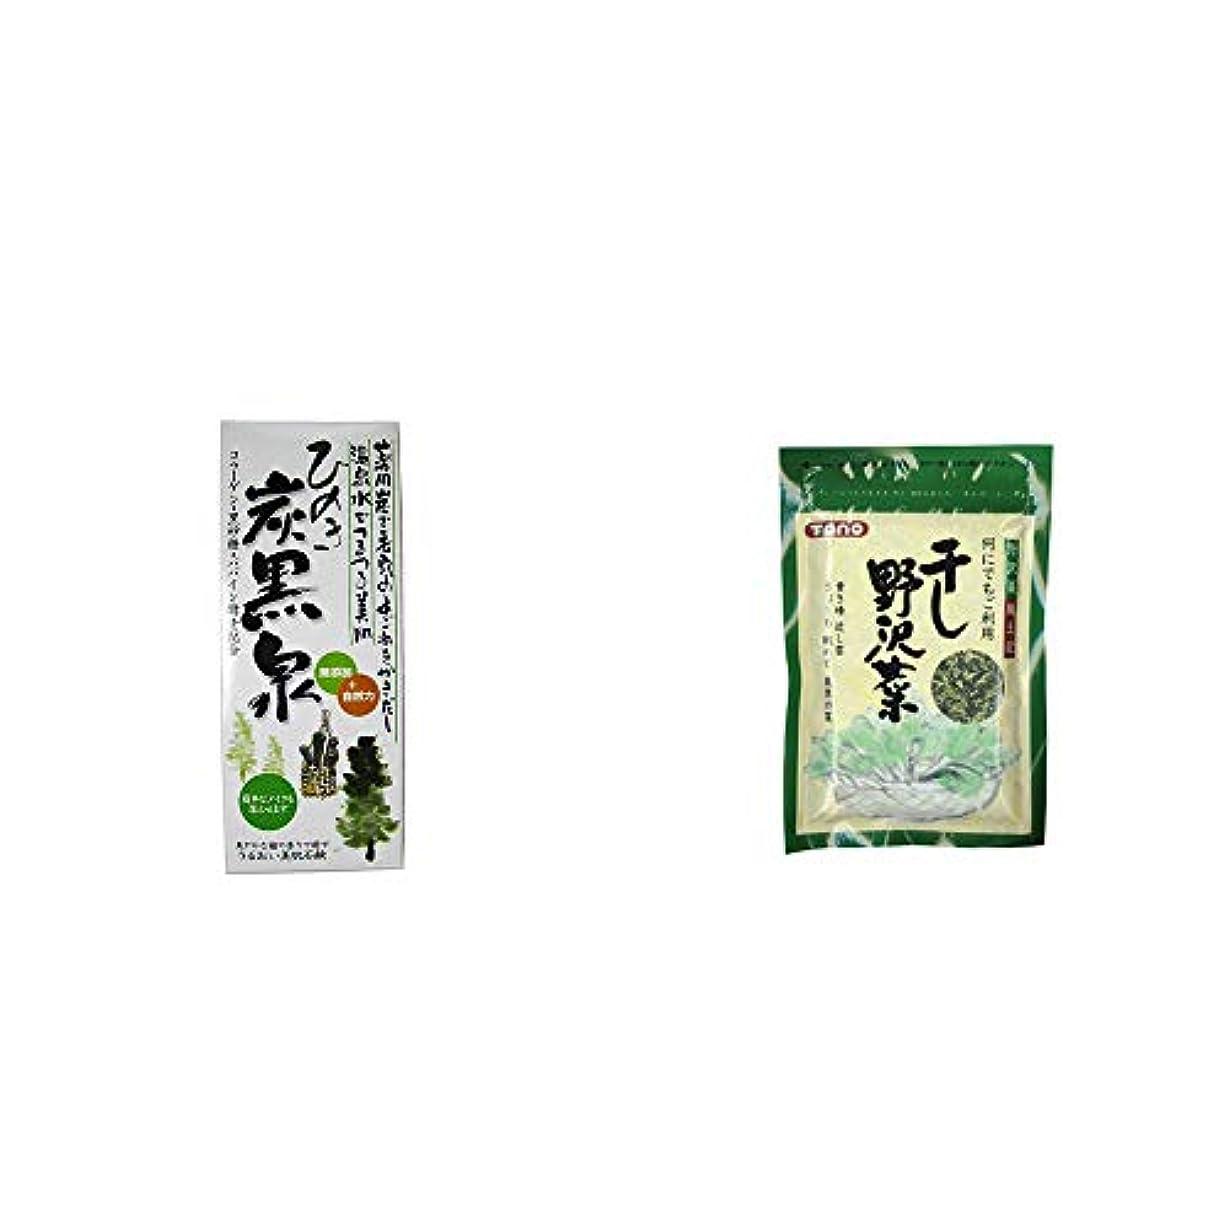 レーザ要件スクレーパー[2点セット] ひのき炭黒泉 箱入り(75g×3)?干し野沢菜(100g)